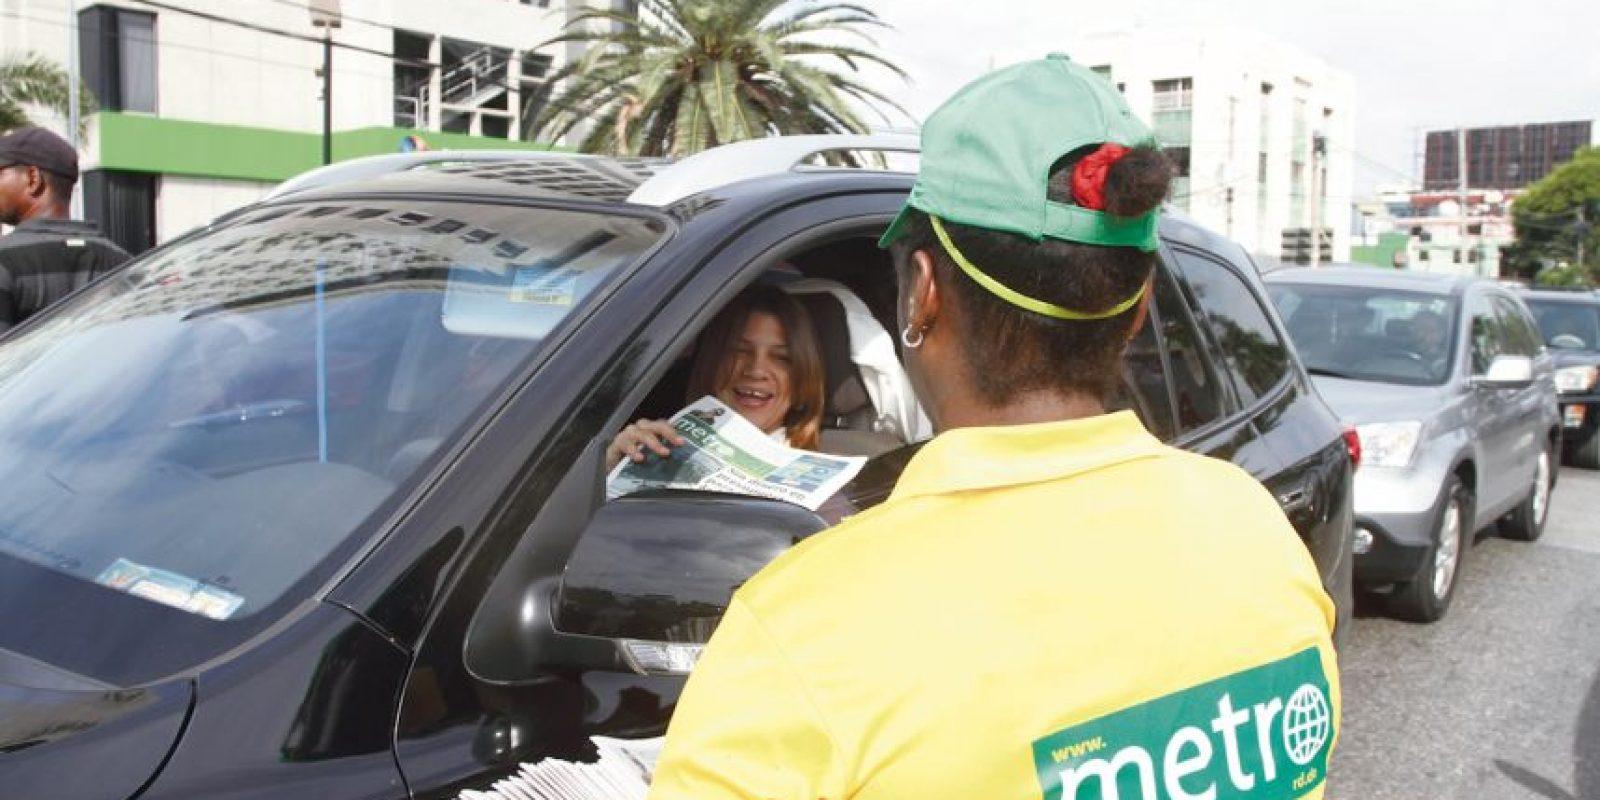 Los usuarios reciben a Metro República Dominicana con mucho agrado Foto:Roberto Guzmán/Metro República Dominicana